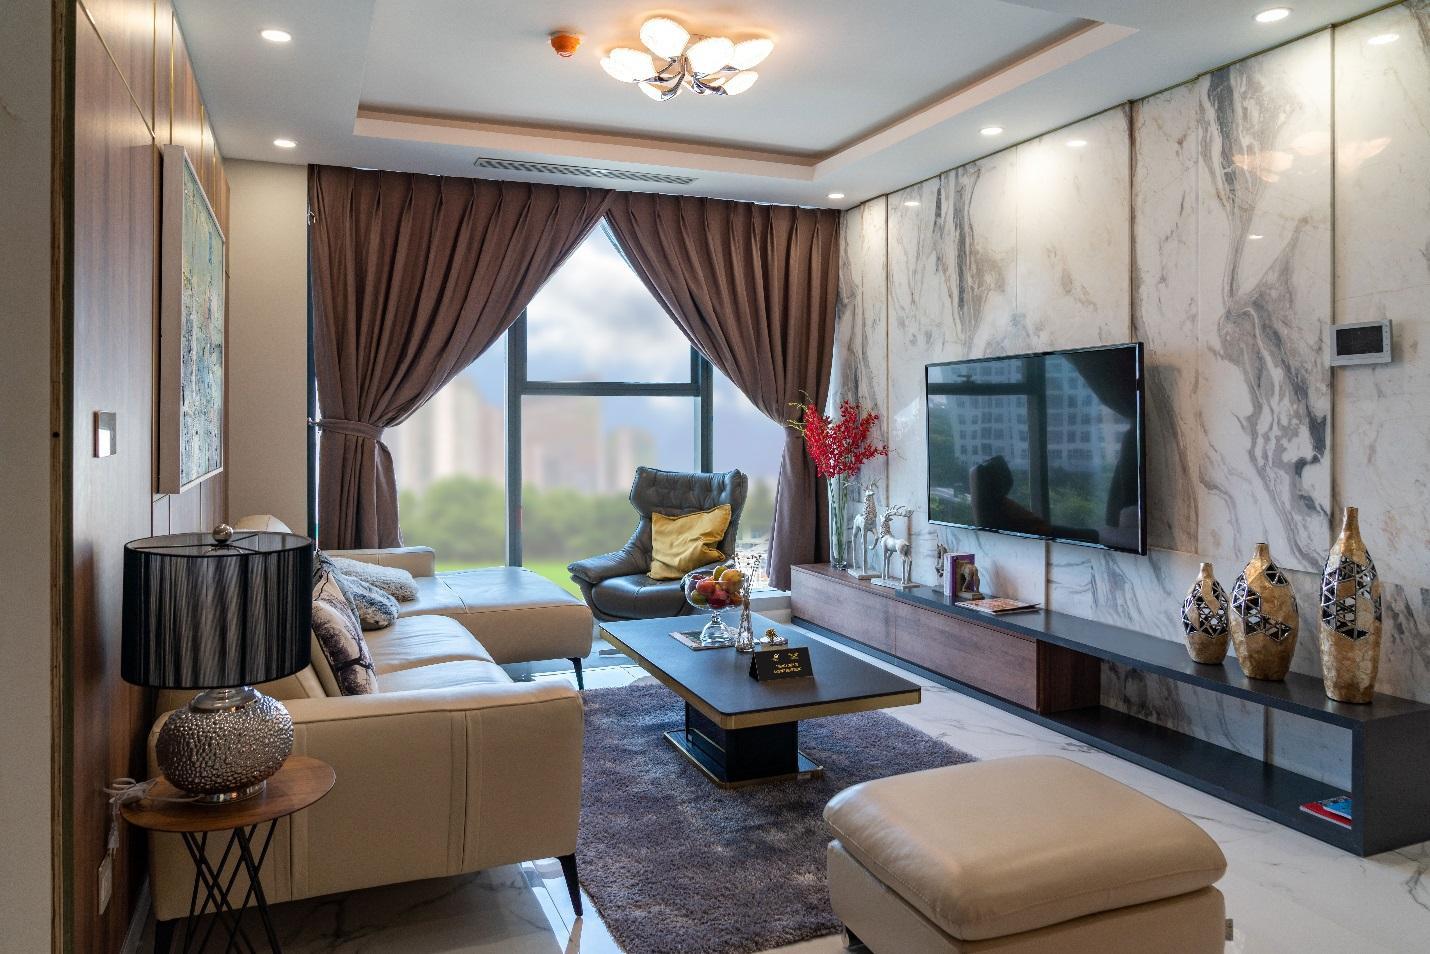 Mua căn hộ tại Sunshine City, khách hàng sẽ được nhận nhà trong quí II/2020 - Ảnh 3.